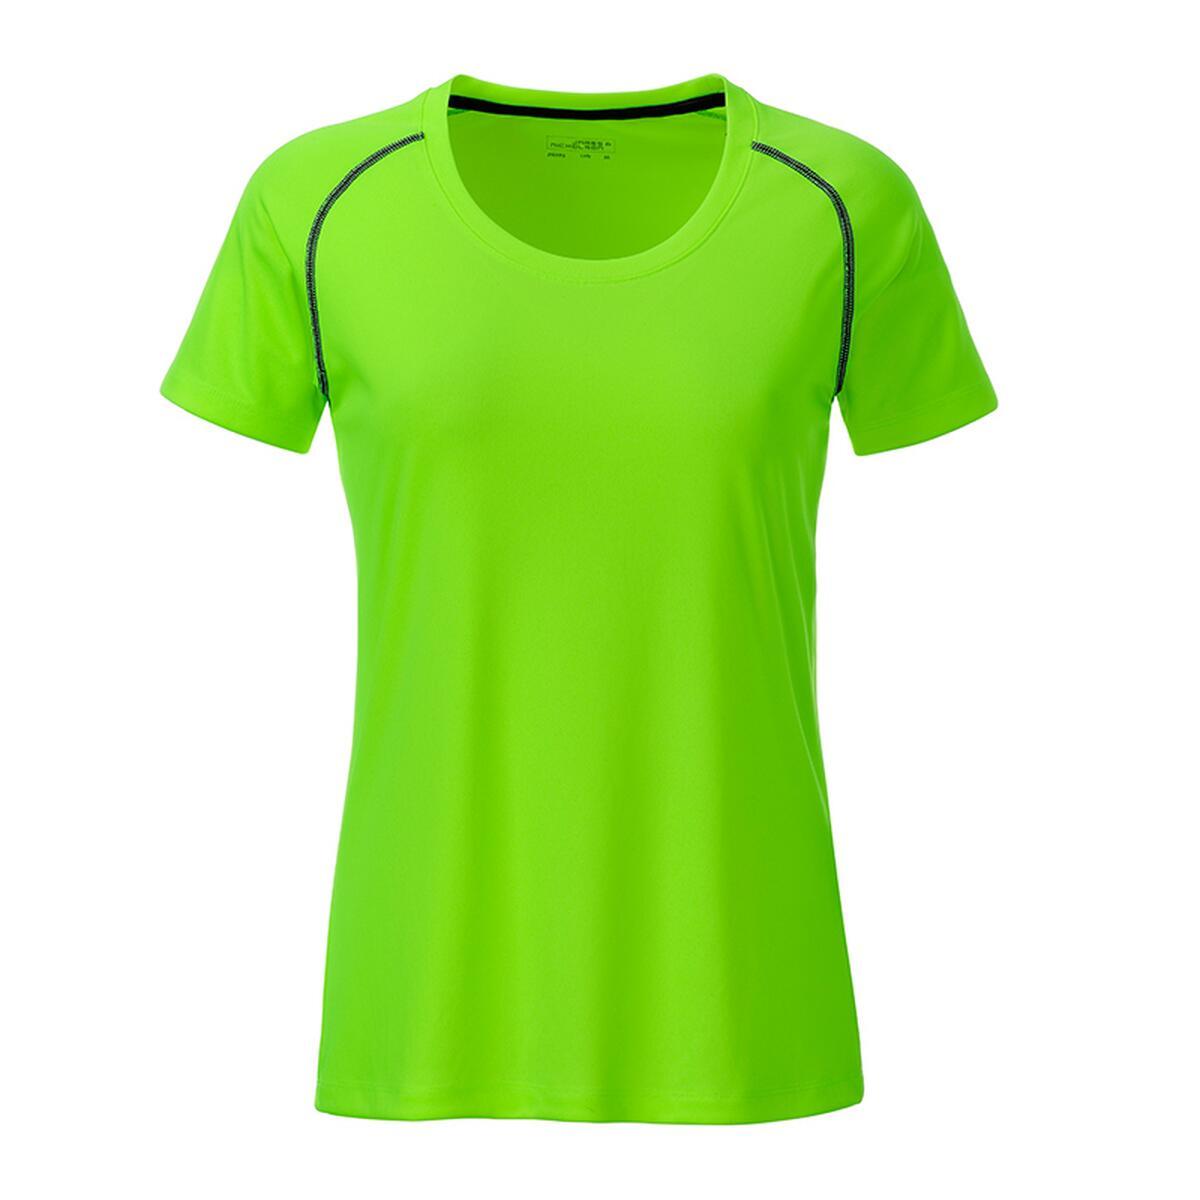 James & Nicholson Ladies' Sports T-Shirt schwarz/grün/neon ...